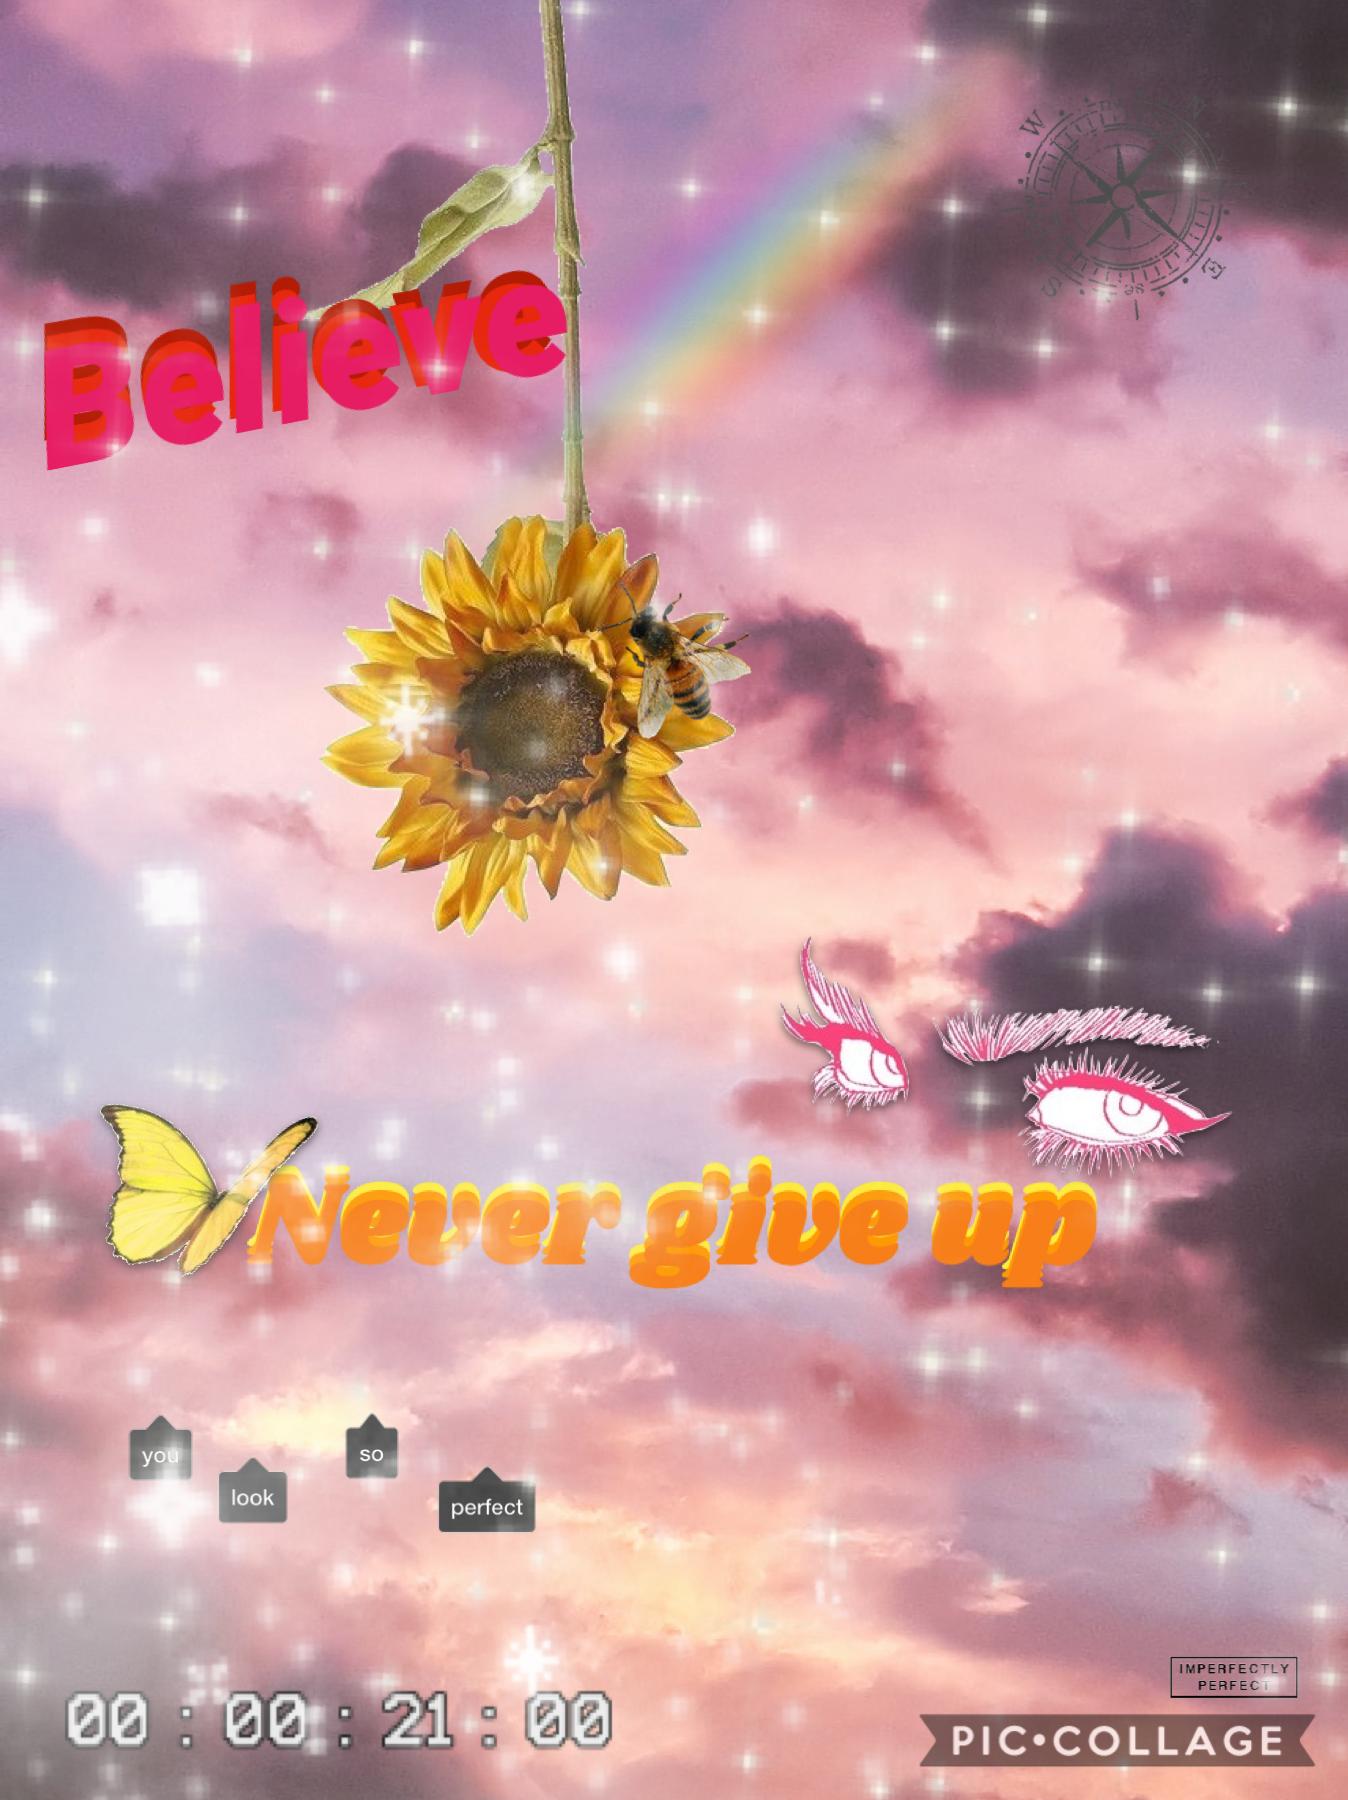 Collage by Purplerainx